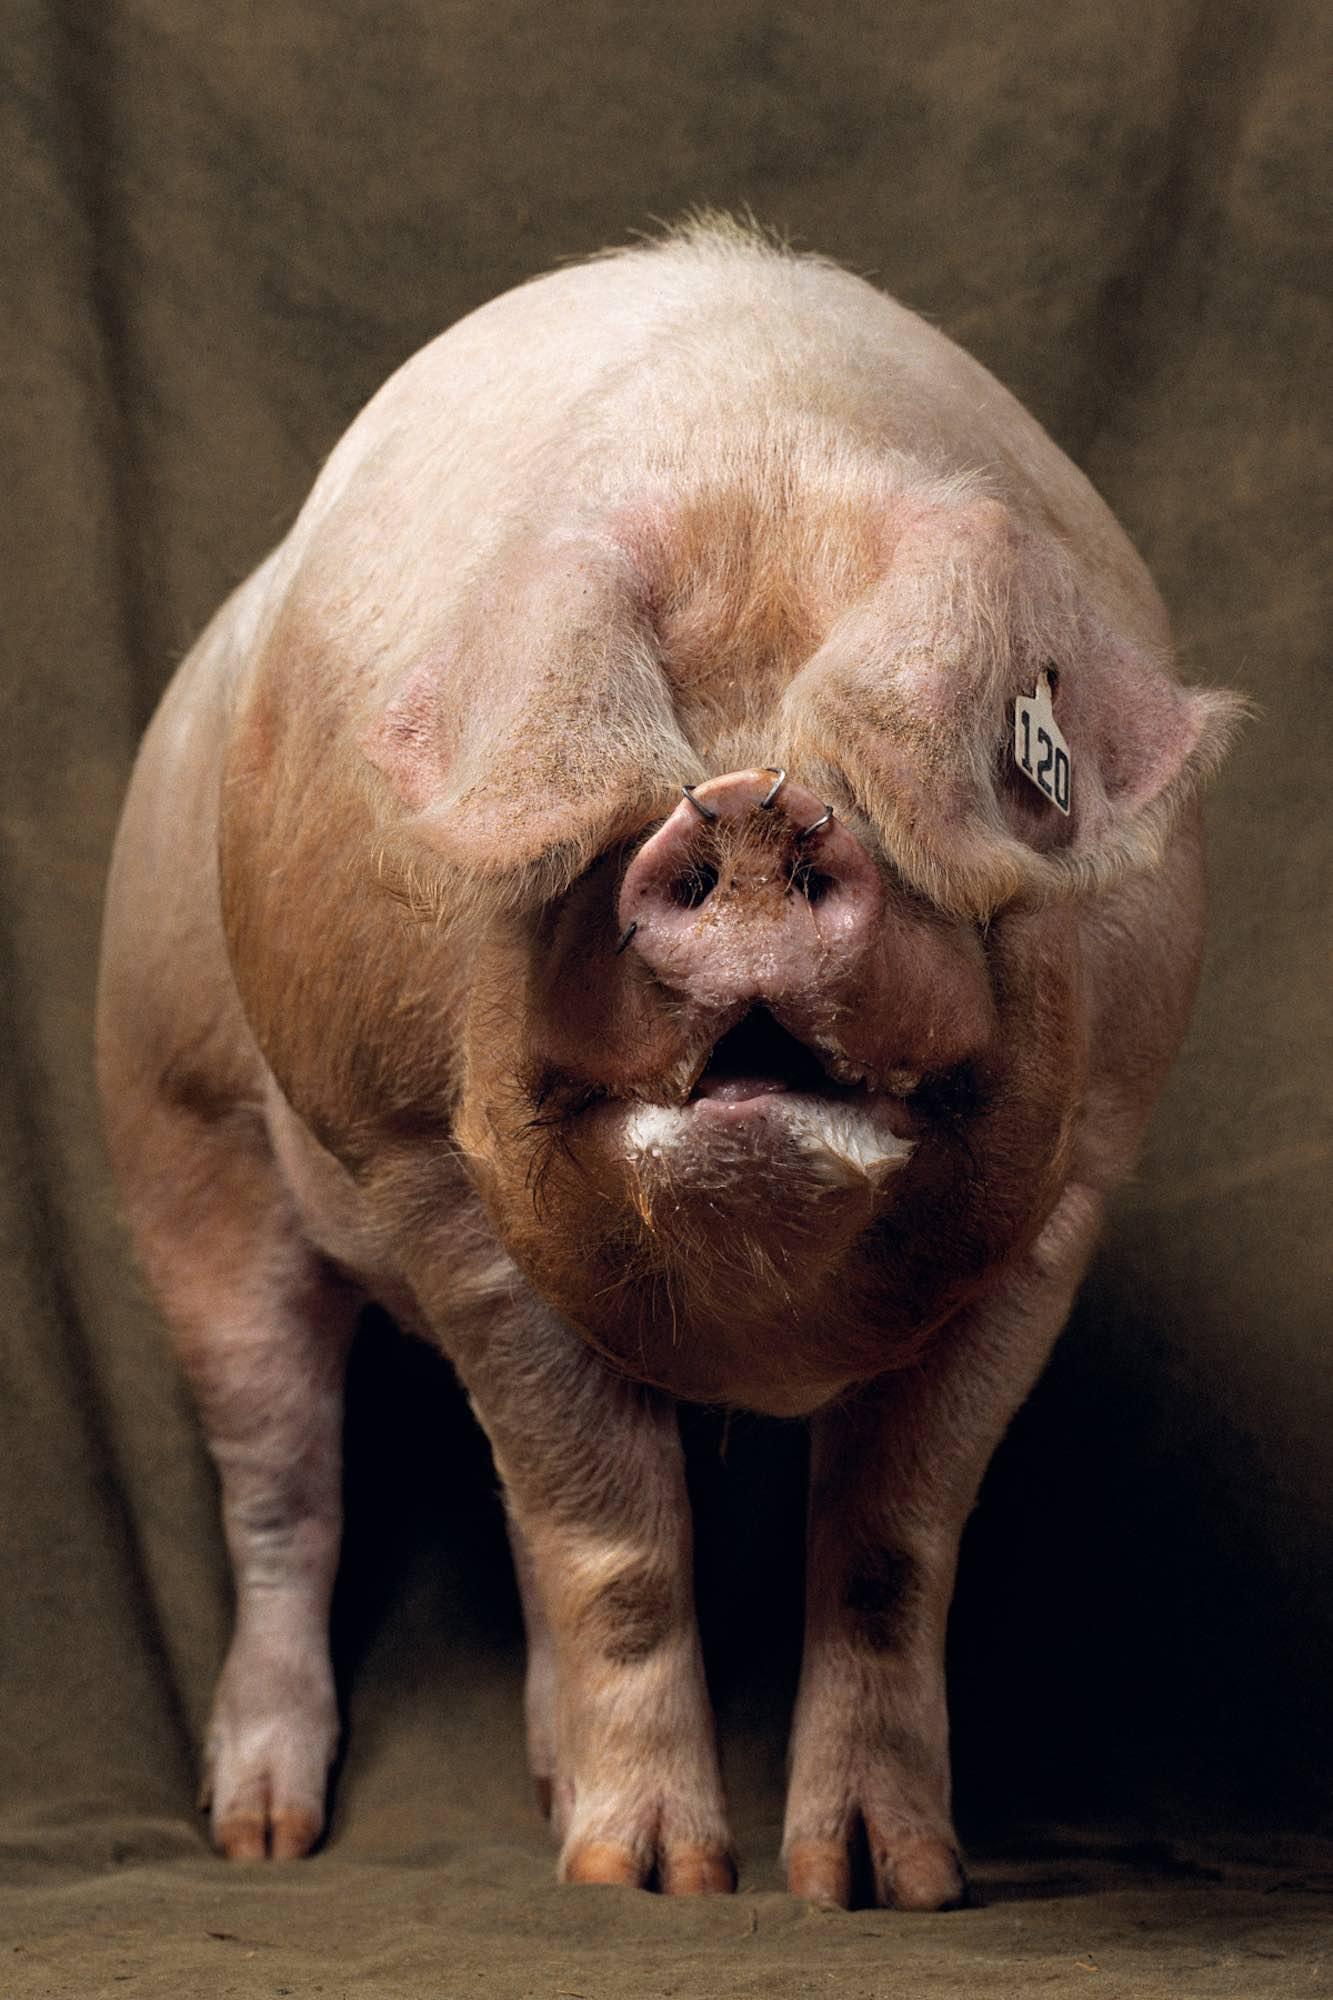 Pig - Yann Arthus-Bertrand